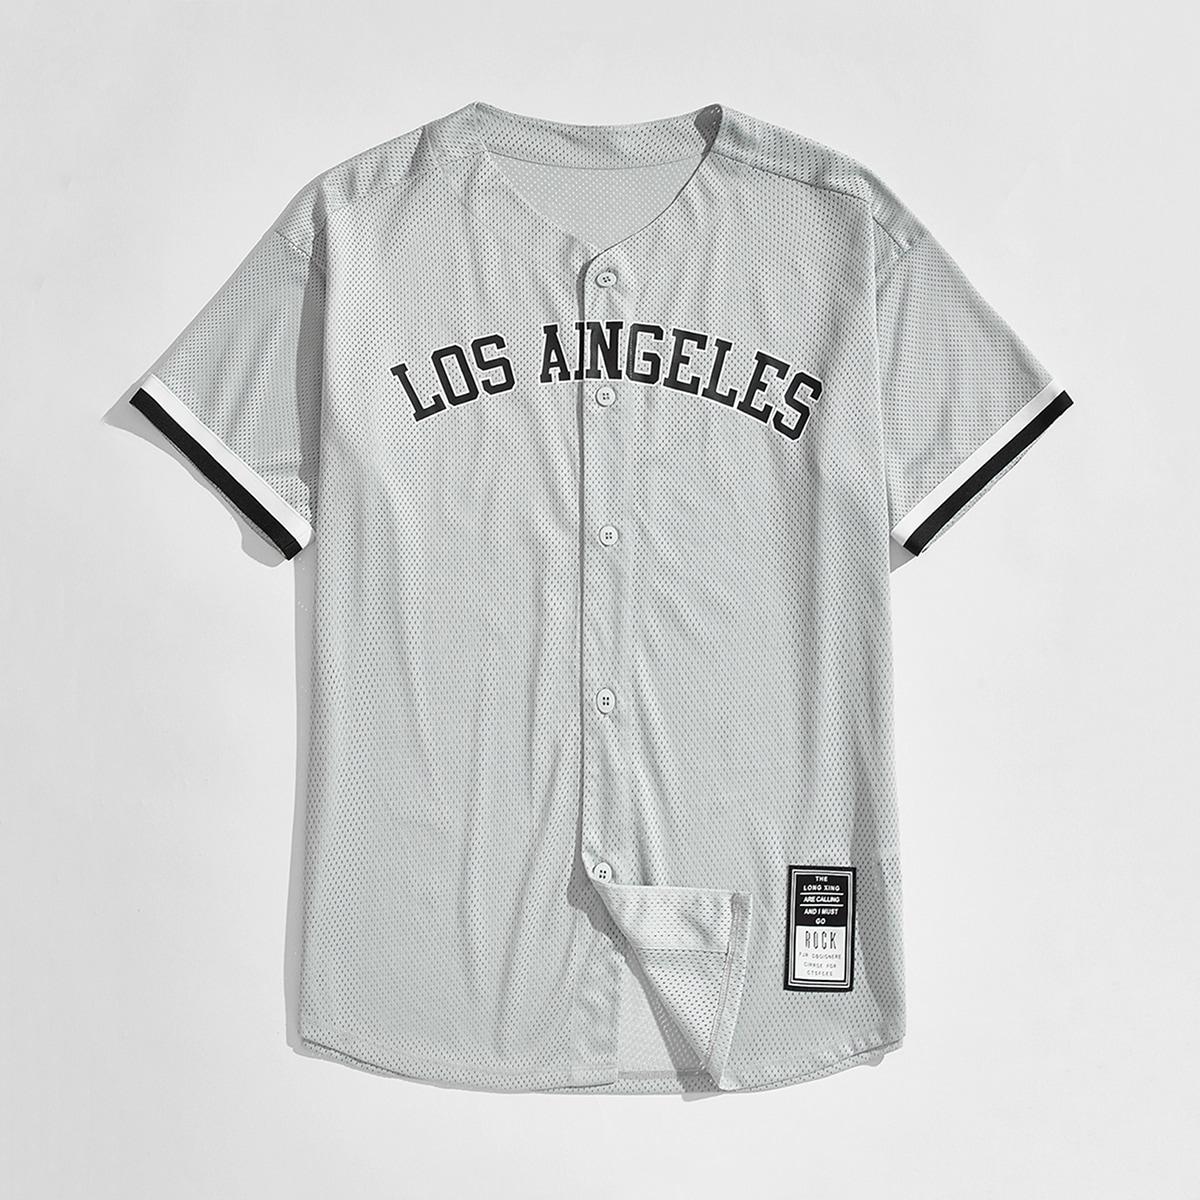 Мужской Рубашка с текстовым принтом в полоску открытый спортивный сетчатый